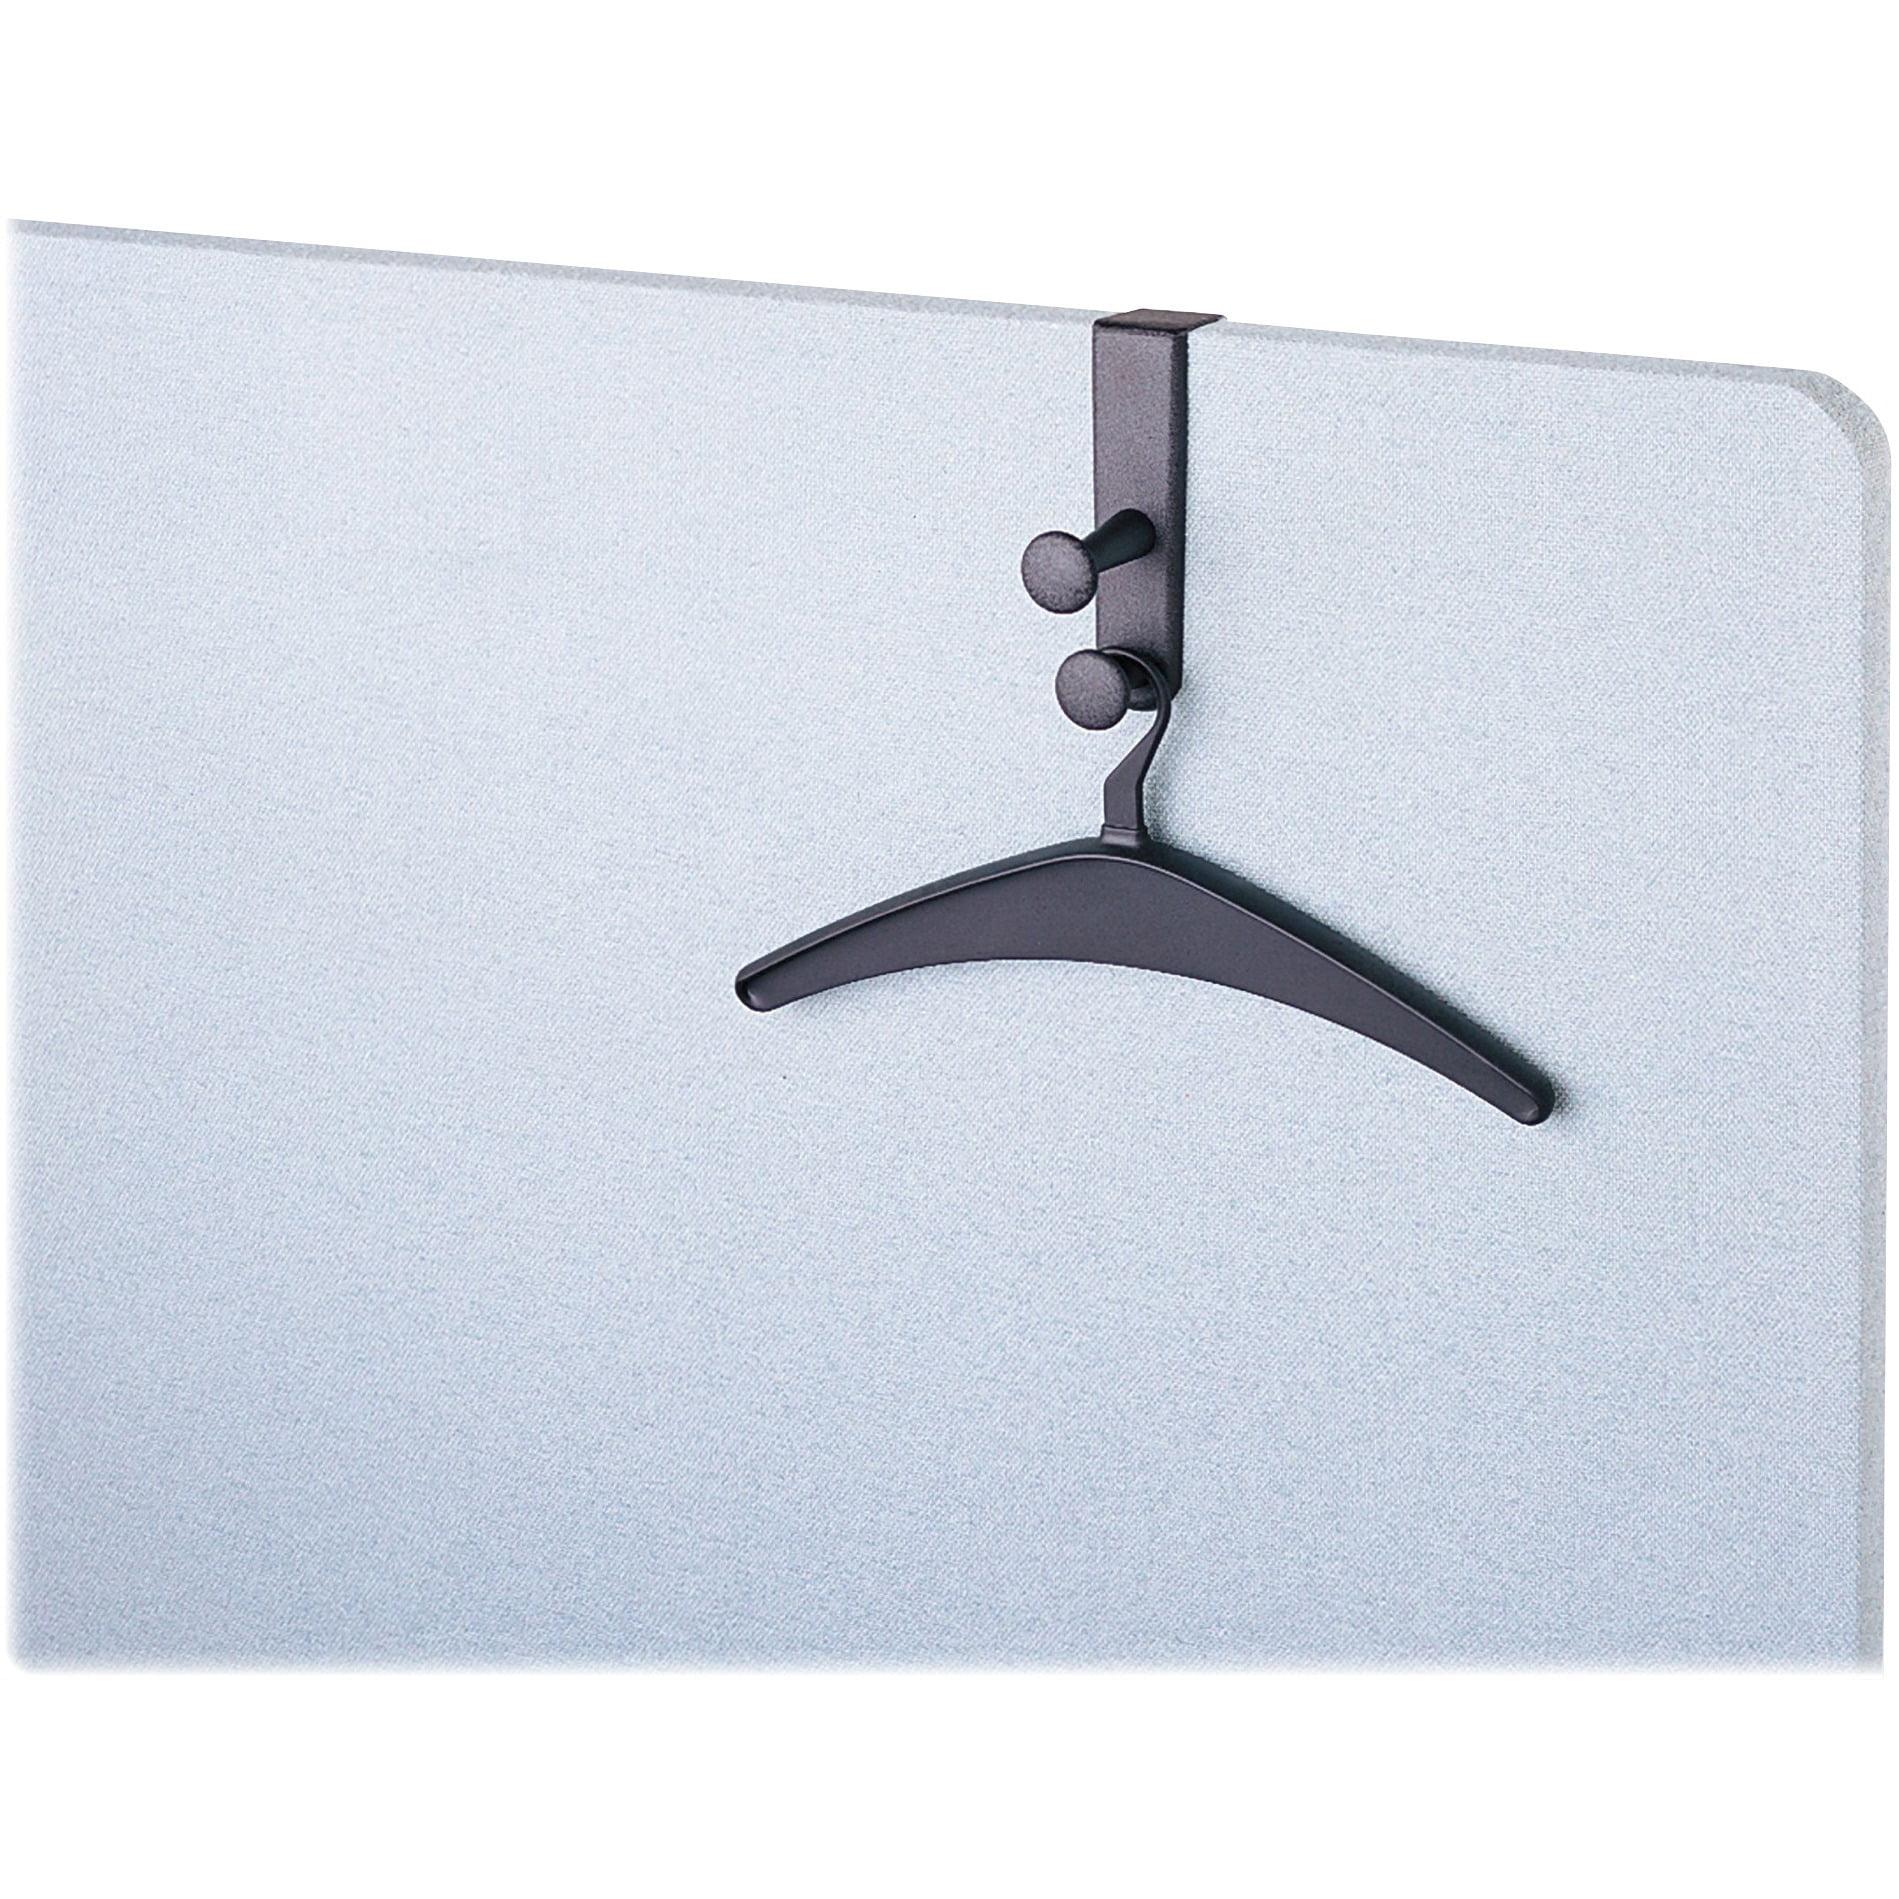 Quartet, QRT20702, Double Post Panel Garment Hook, 1 Each, Black